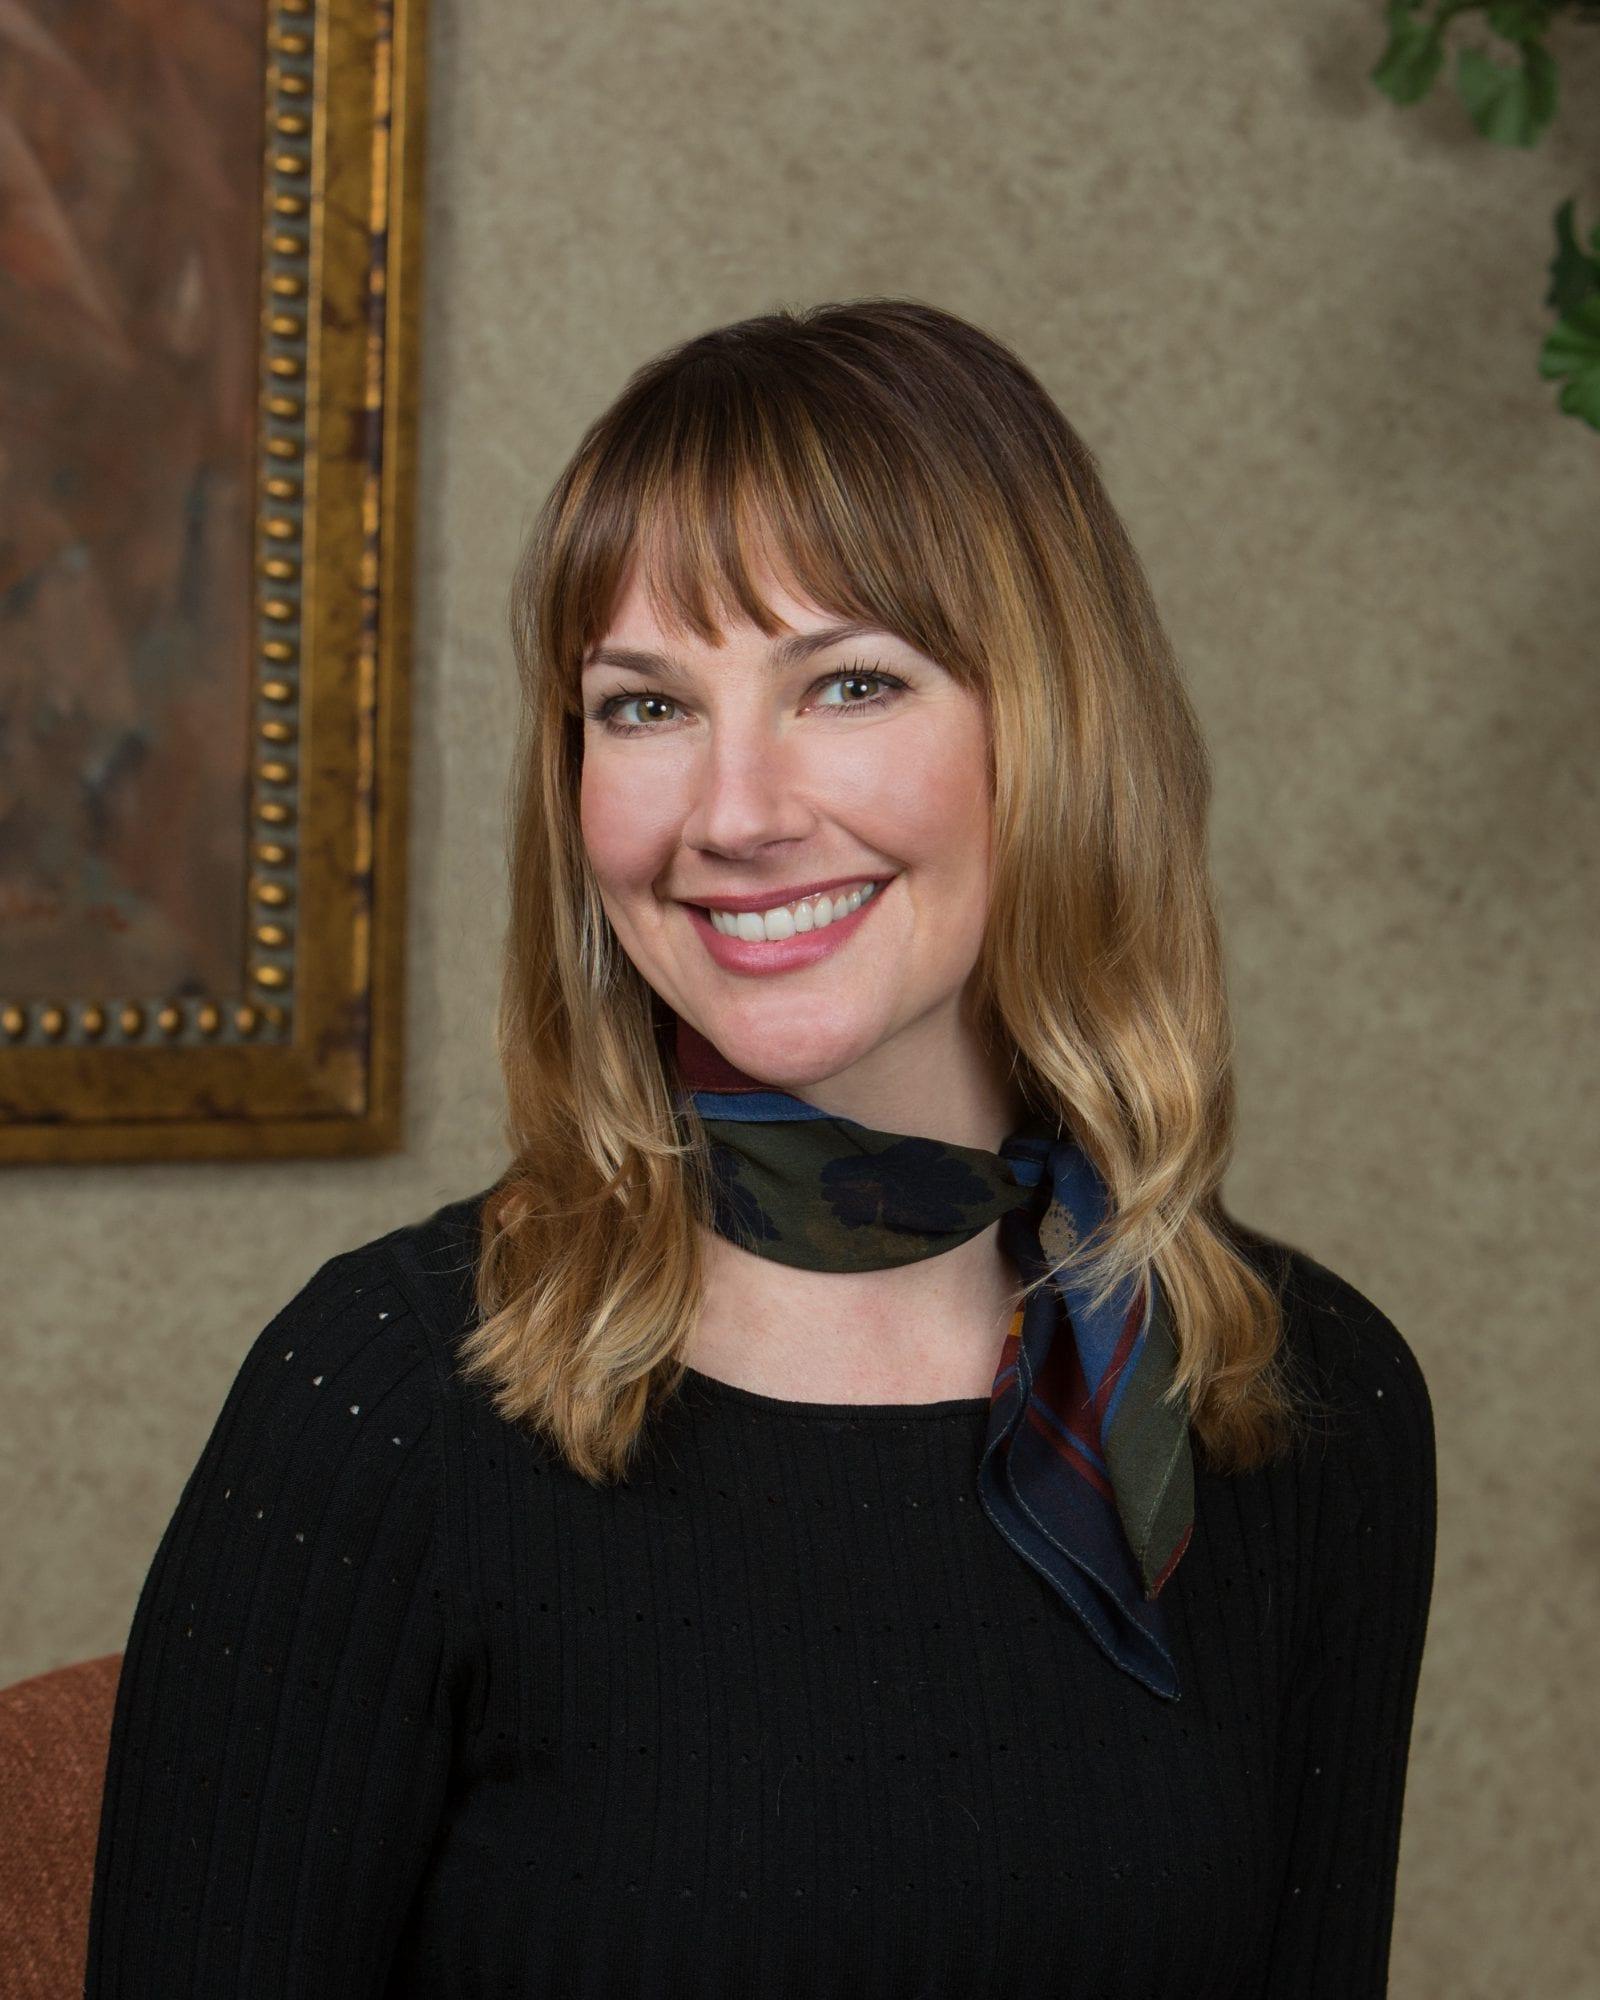 Lauren Lazarus